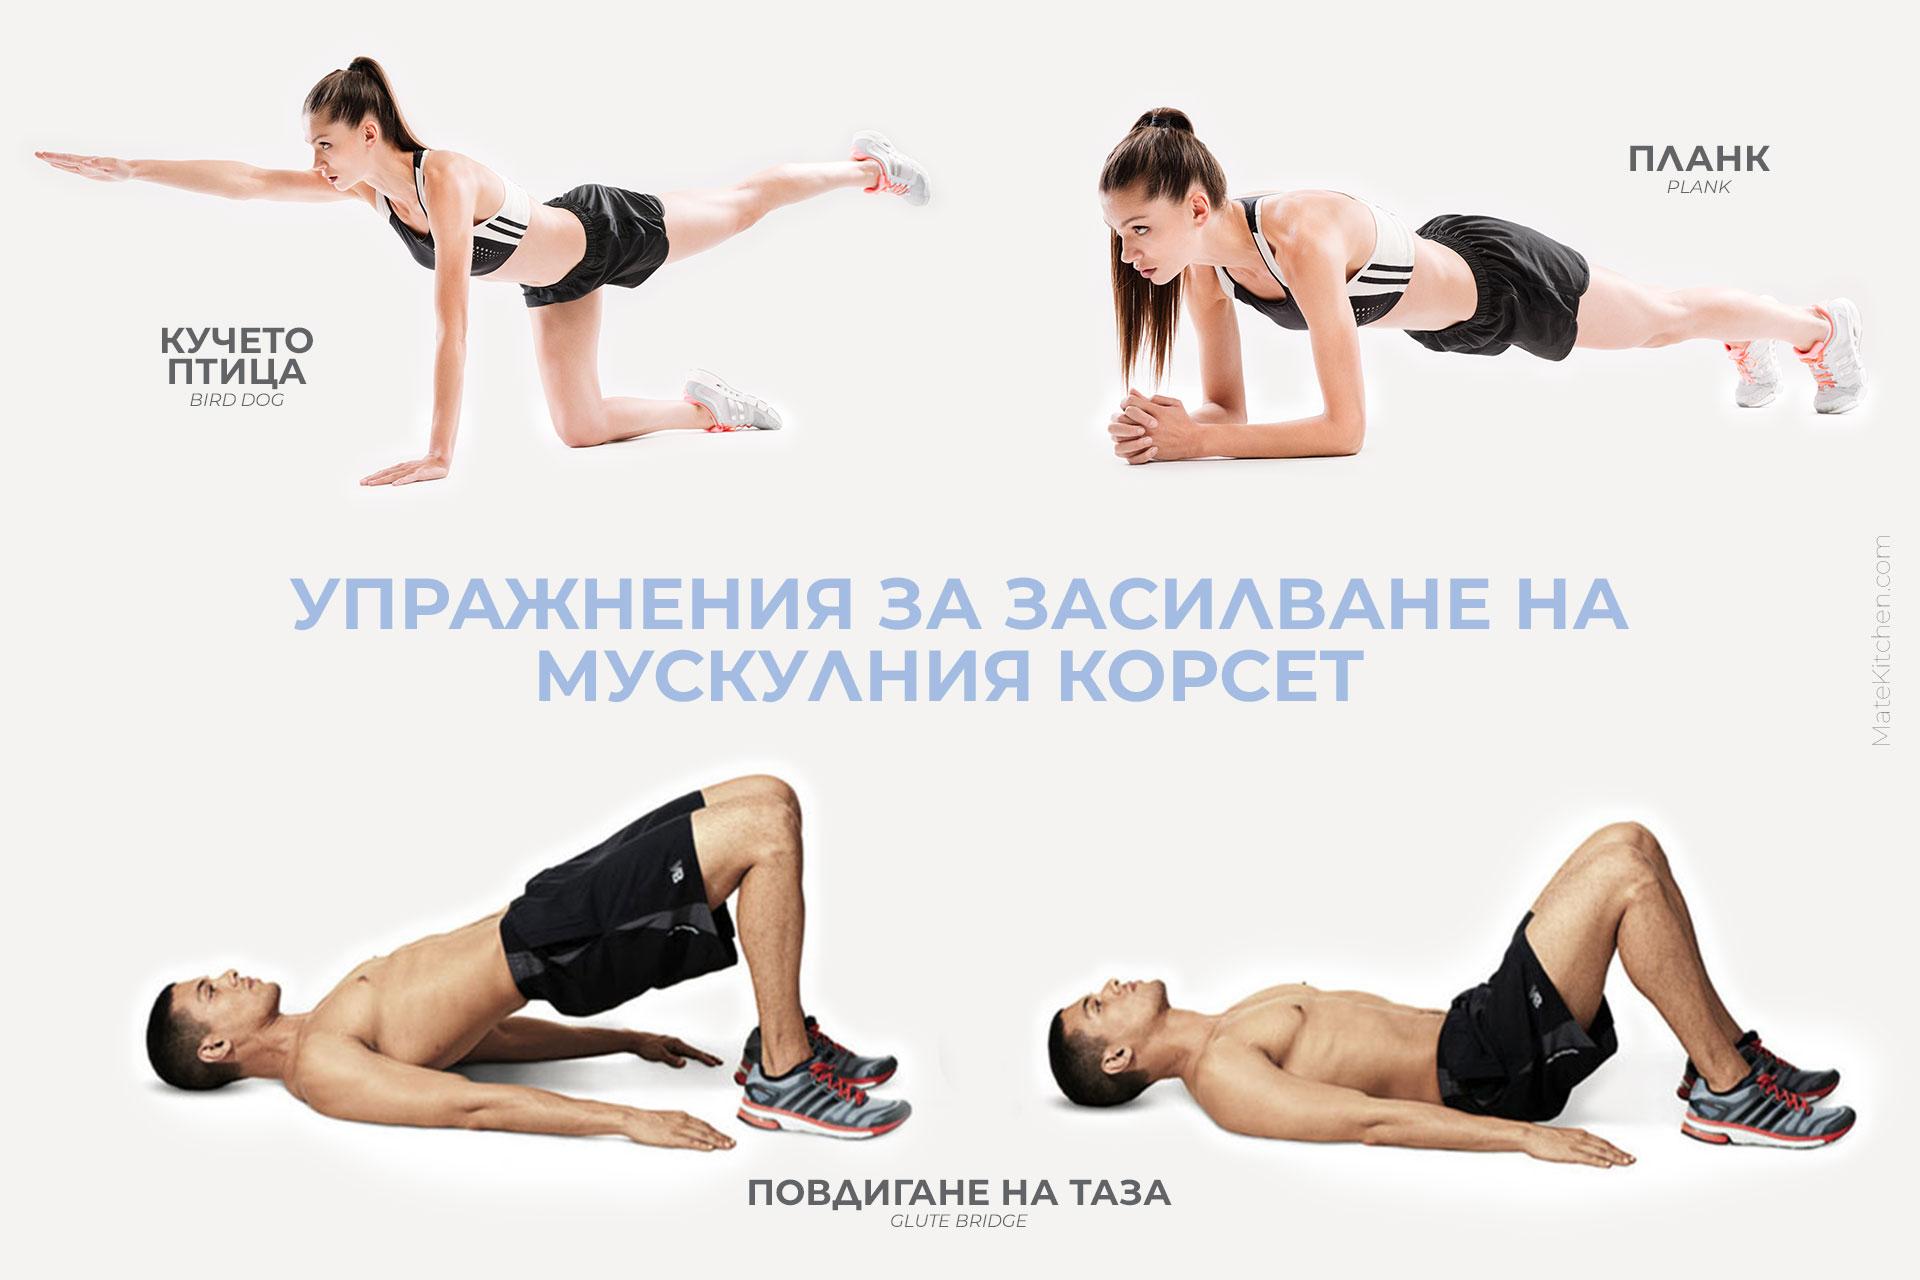 Упражнения за засилване на мускулния корсет